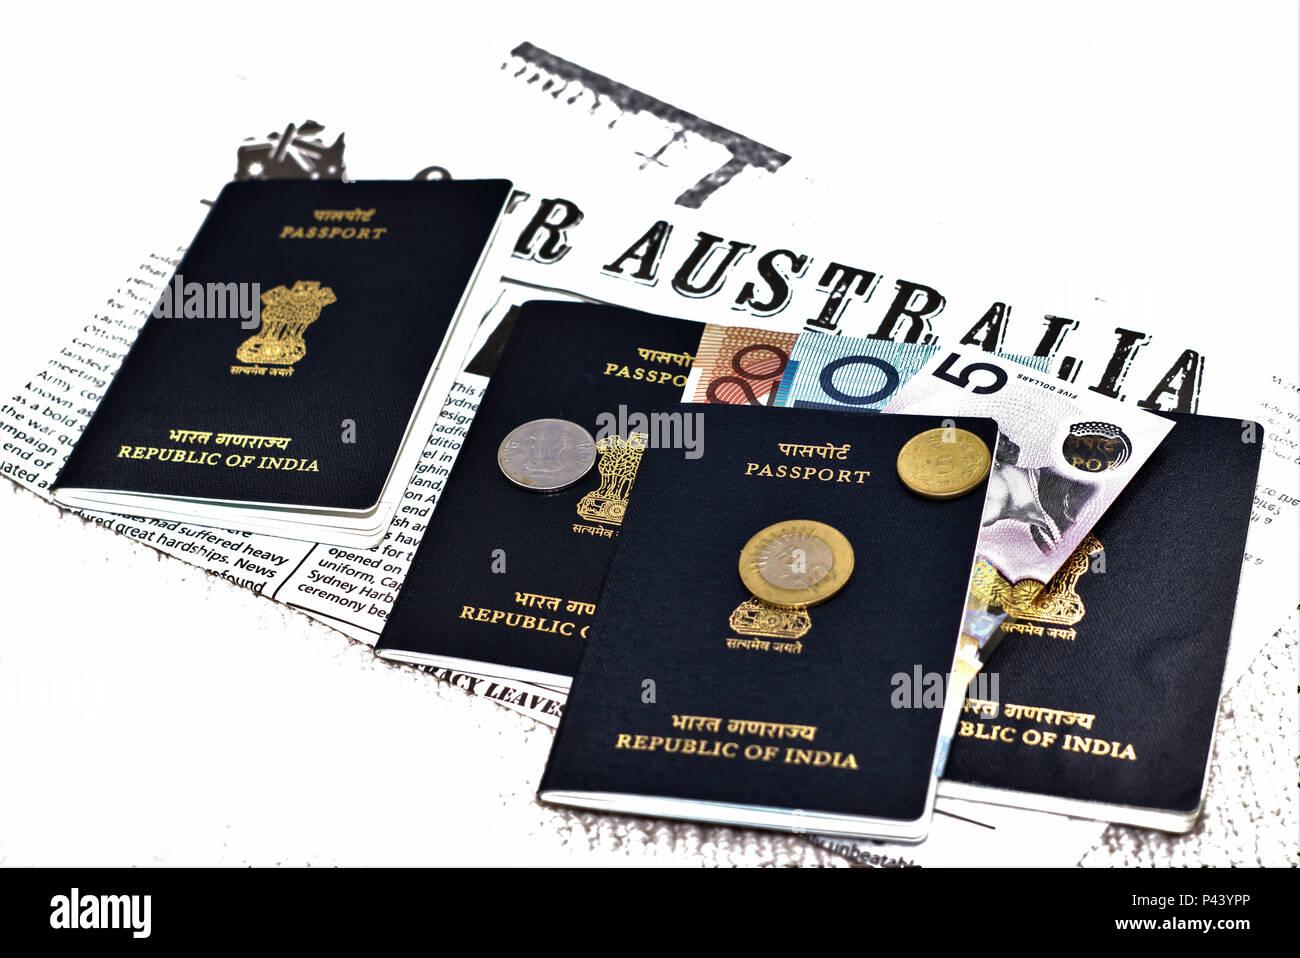 Travel Money Exchange Stock Photos Amp Travel Money Exchange Stock Images Alamy